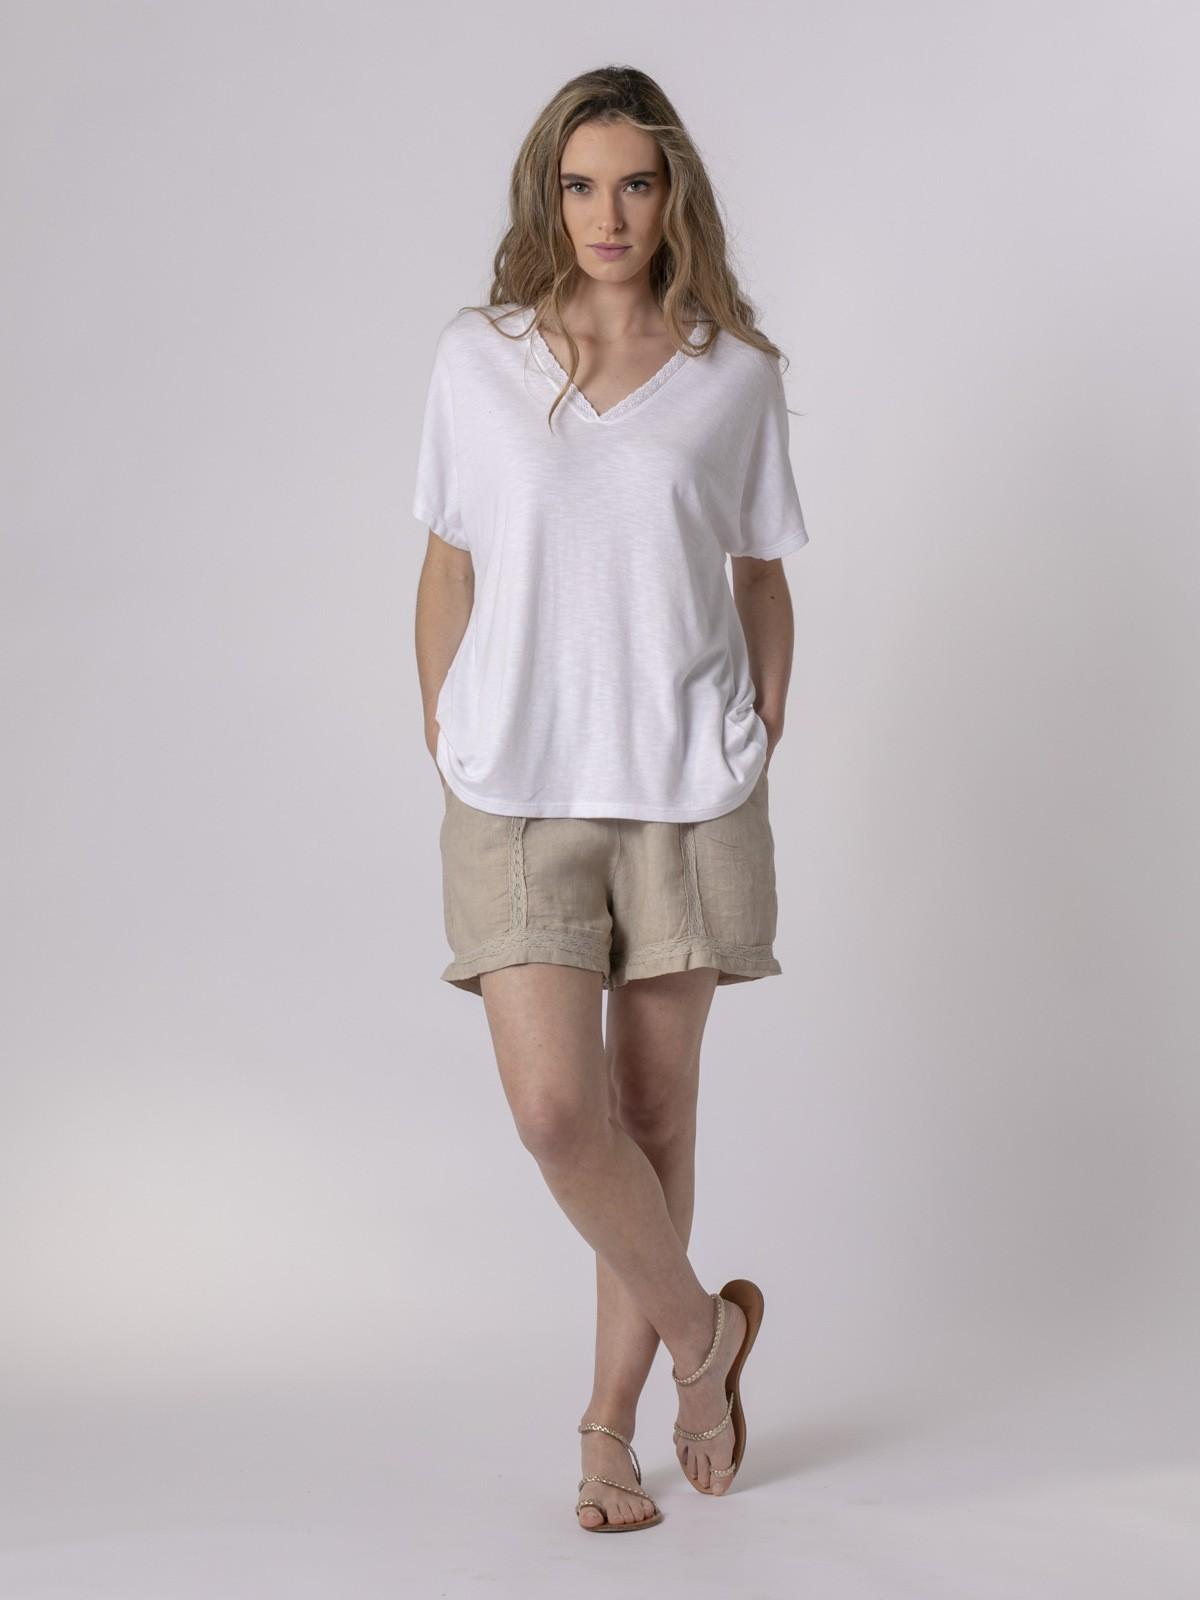 Woman Woman  Lace T-shirt White